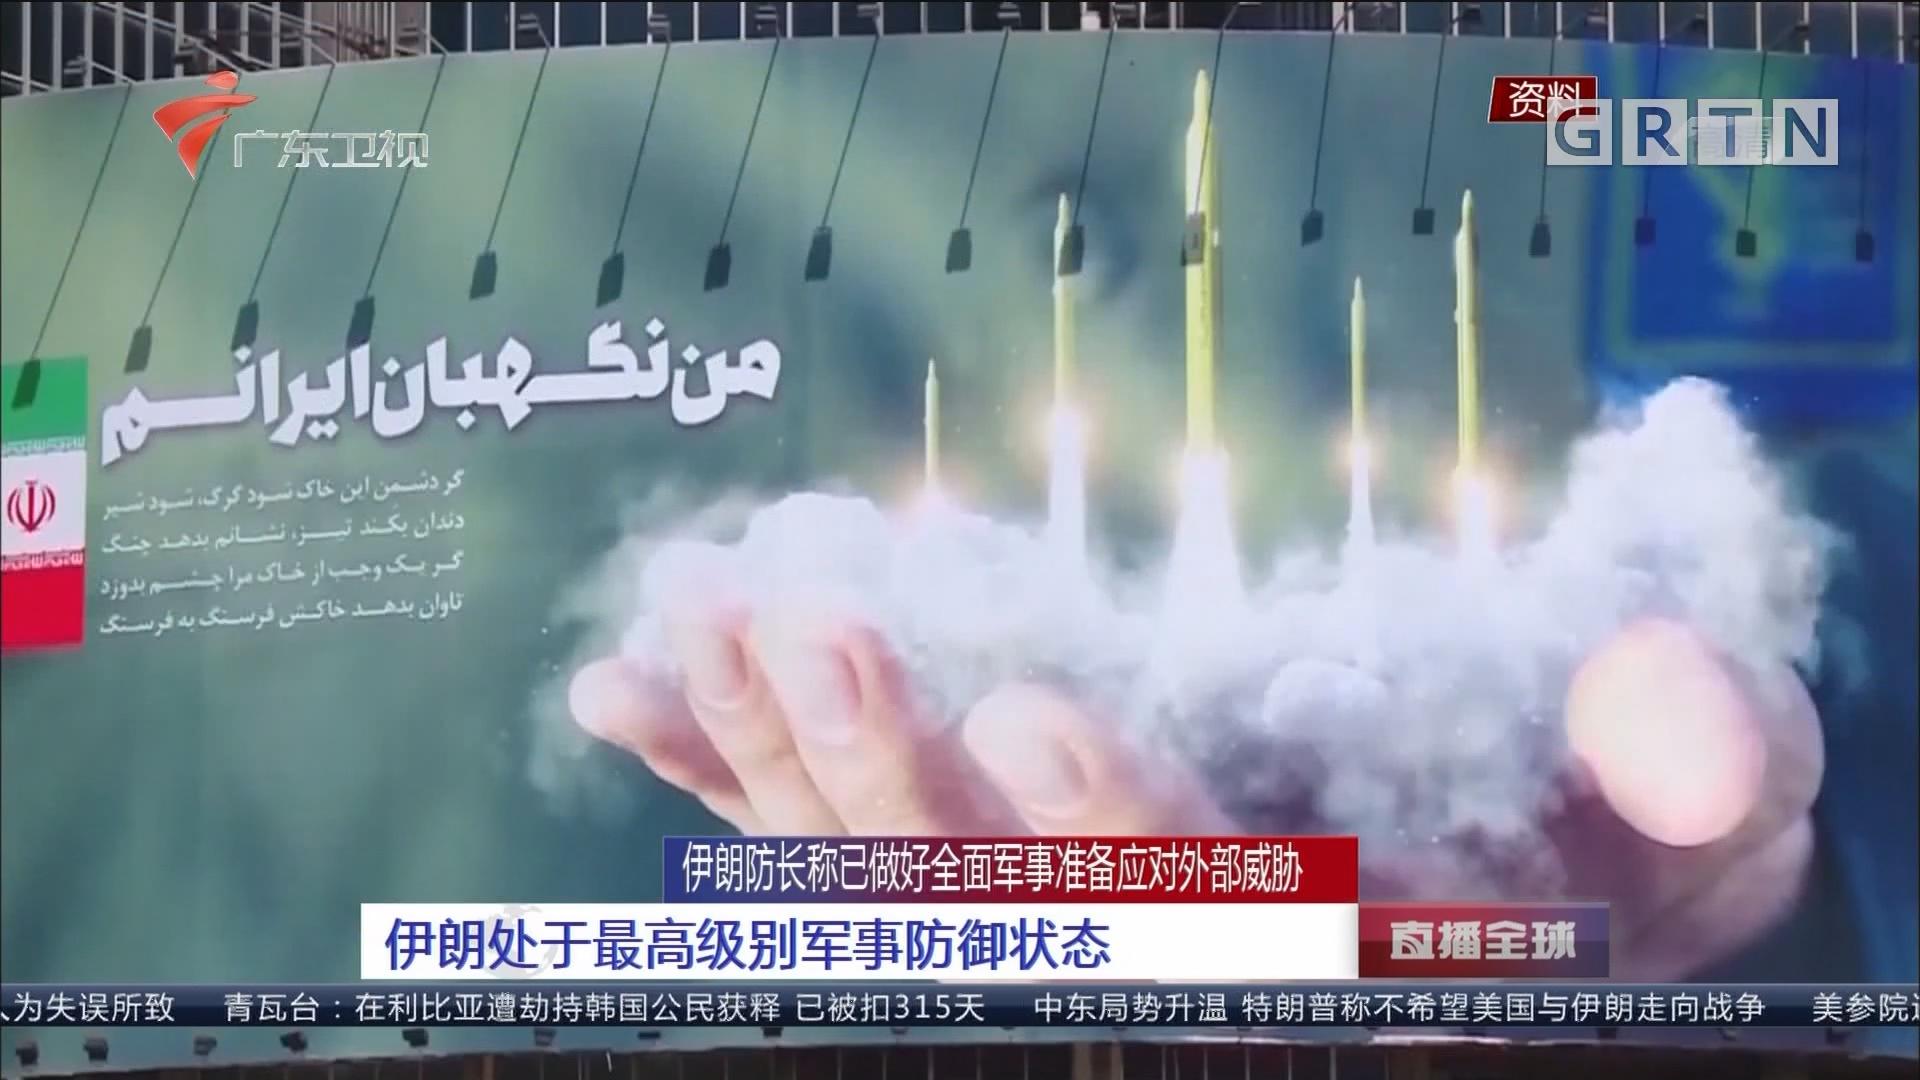 伊朗防长称已做好全面军事准备应对外部威胁:伊朗处于最高级别军?#36335;?#24481;状态